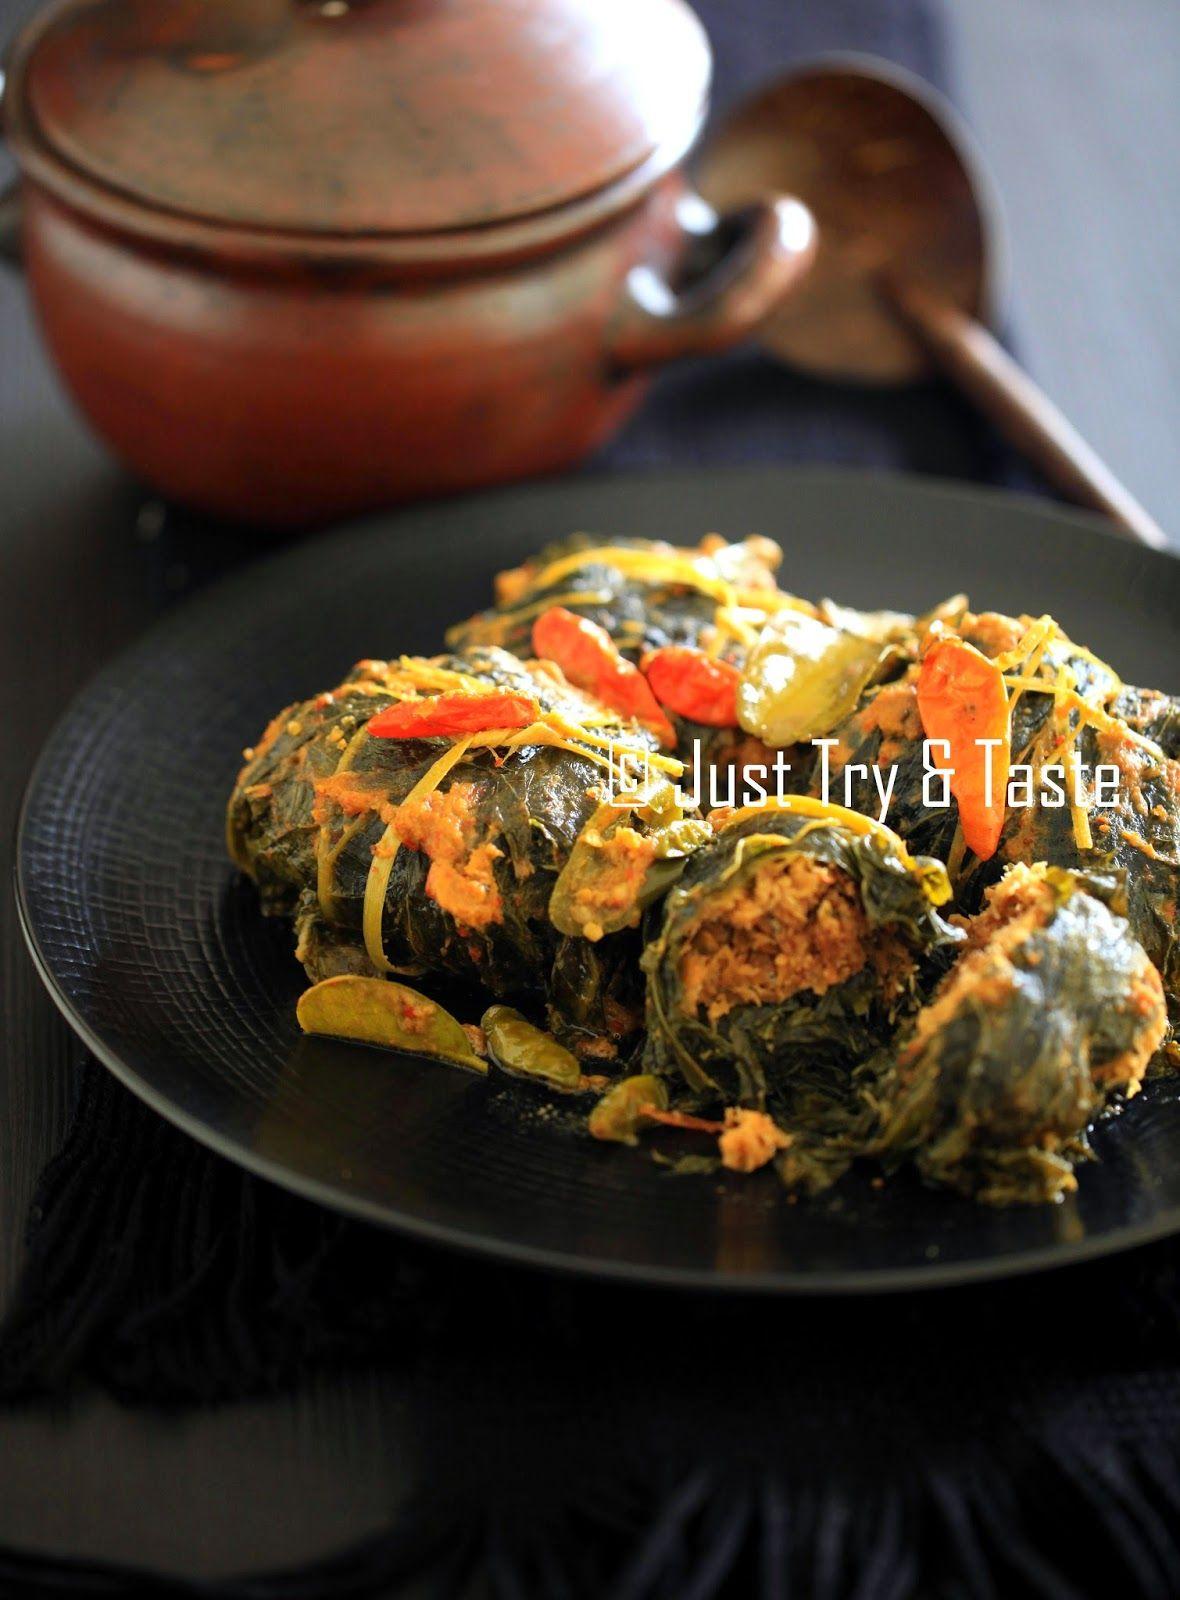 Buntil Daun Pepaya Dan Daun Singkong Masakan Indonesia Resep Vegetarian Resep Masakan Indonesia